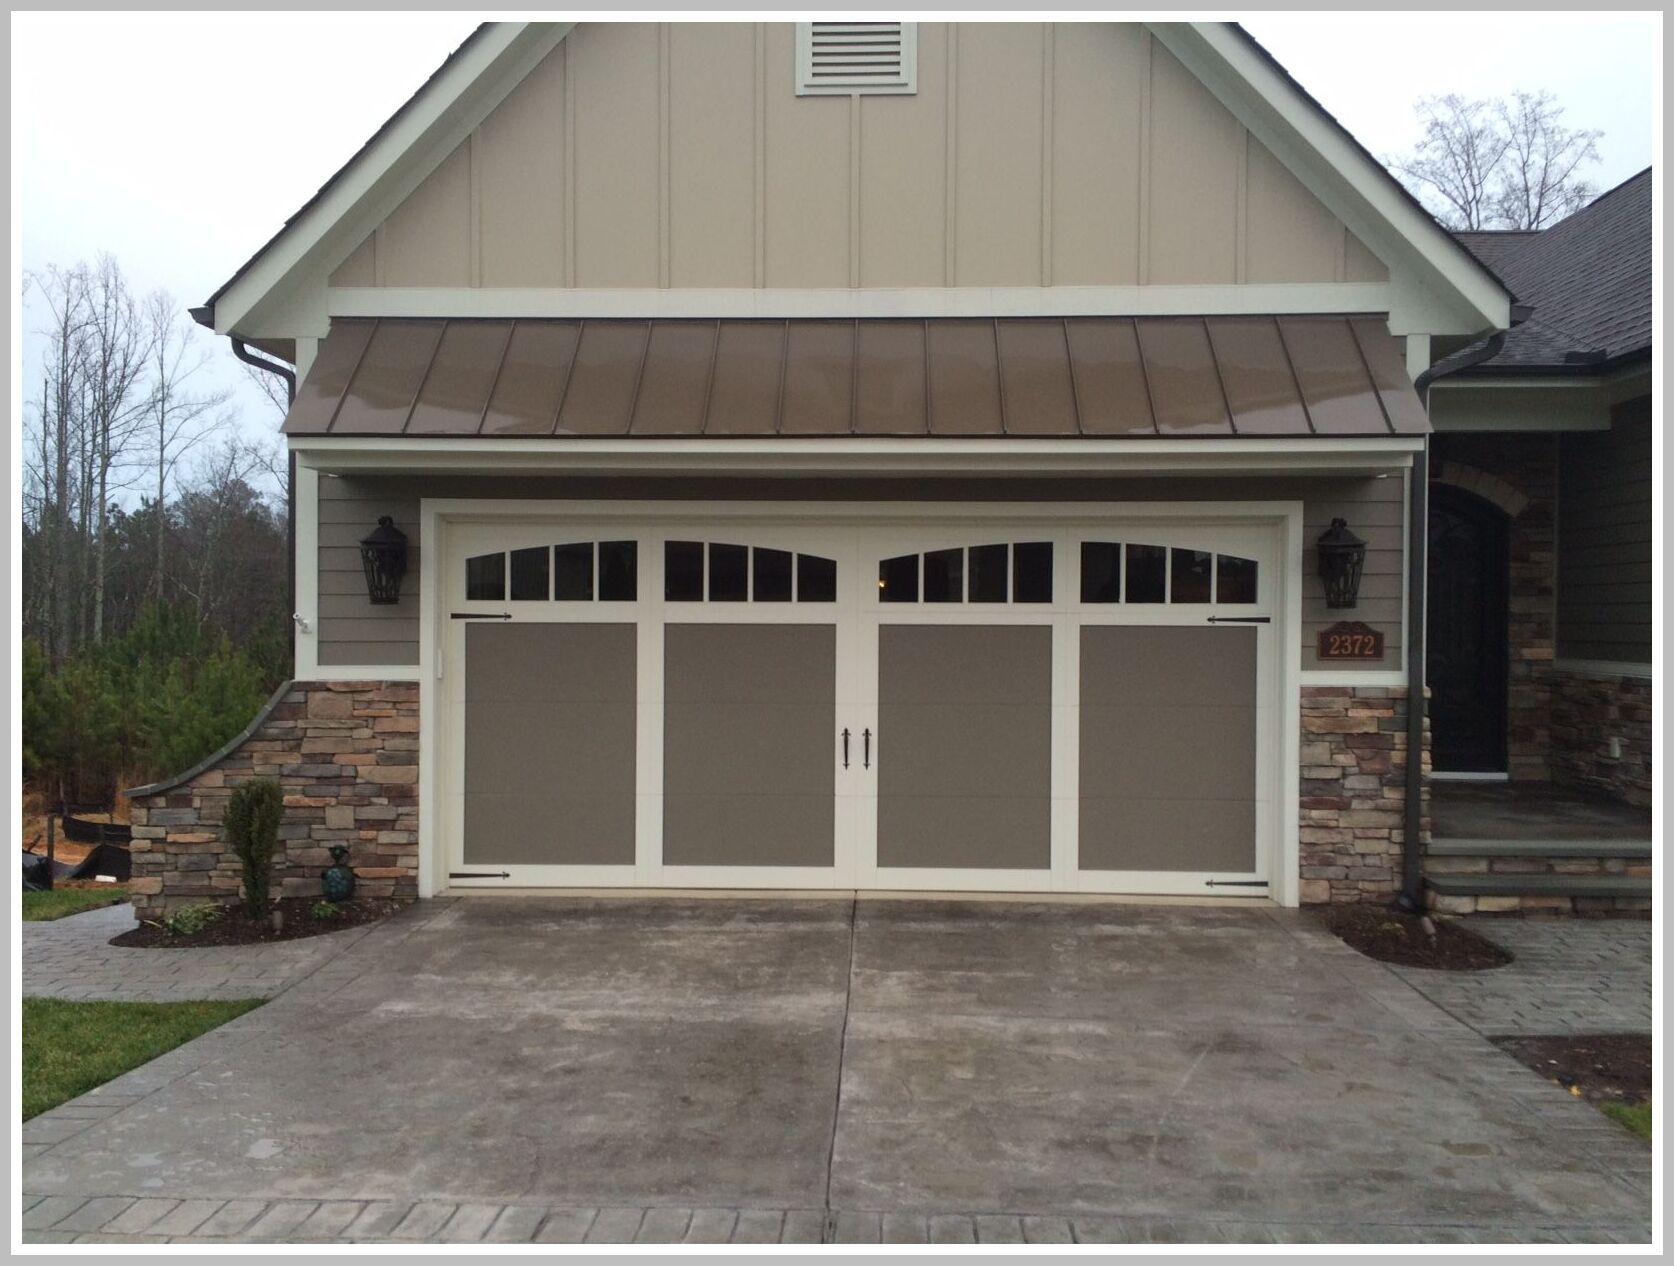 110 Reference Of Garage Door Double Hangar Style In 2020 Carriage Style Garage Doors Garage Doors Double Garage Door